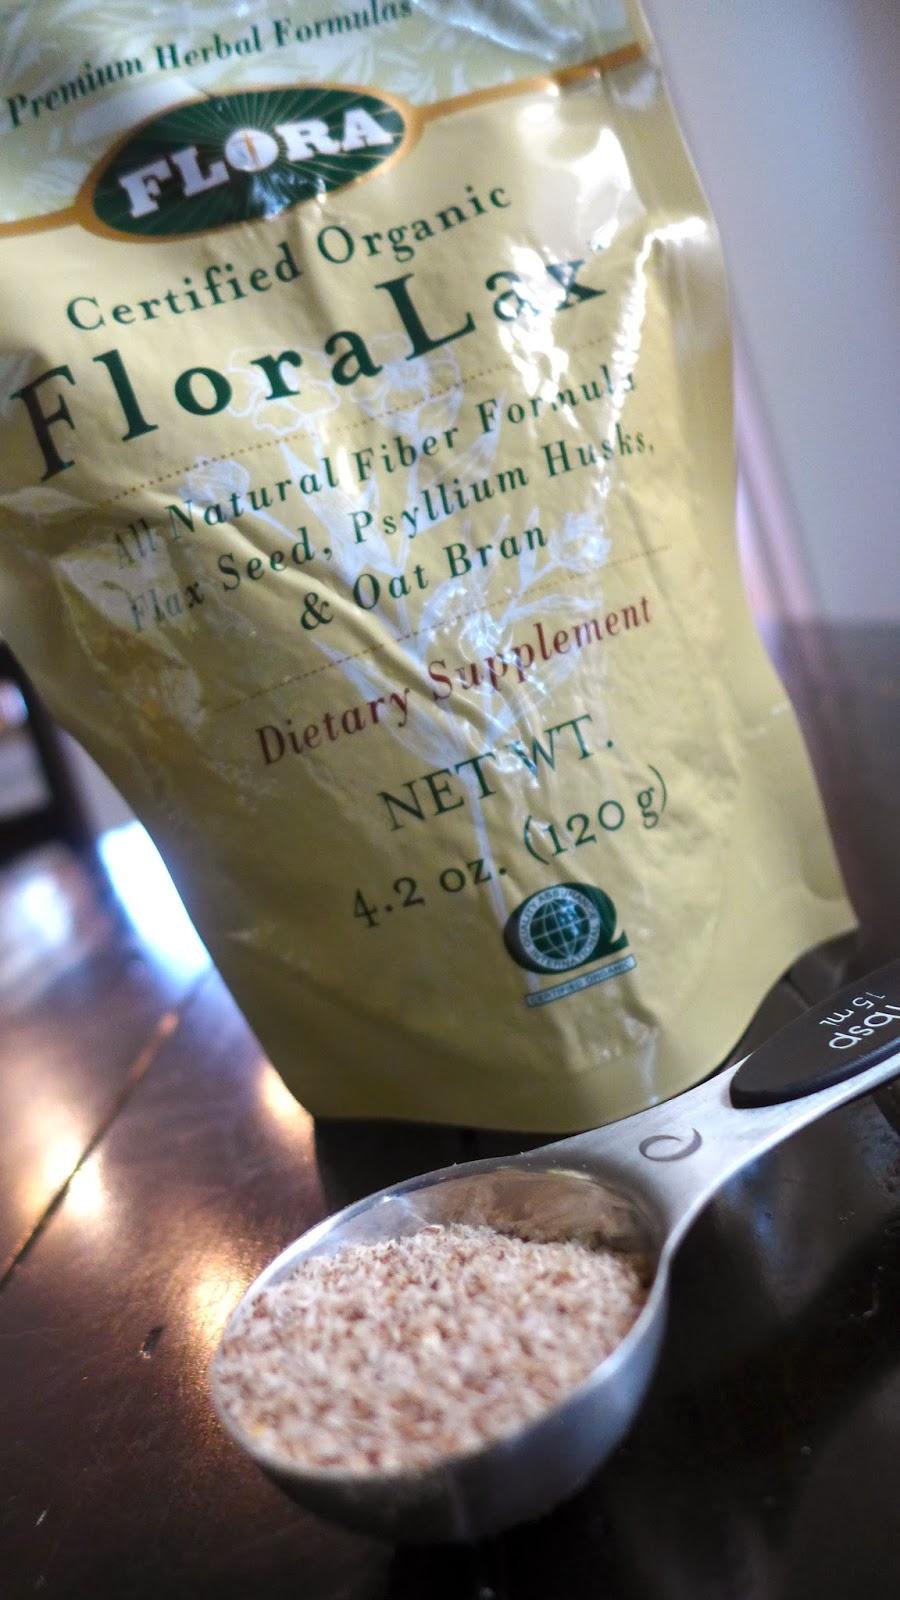 Floralax Fiber